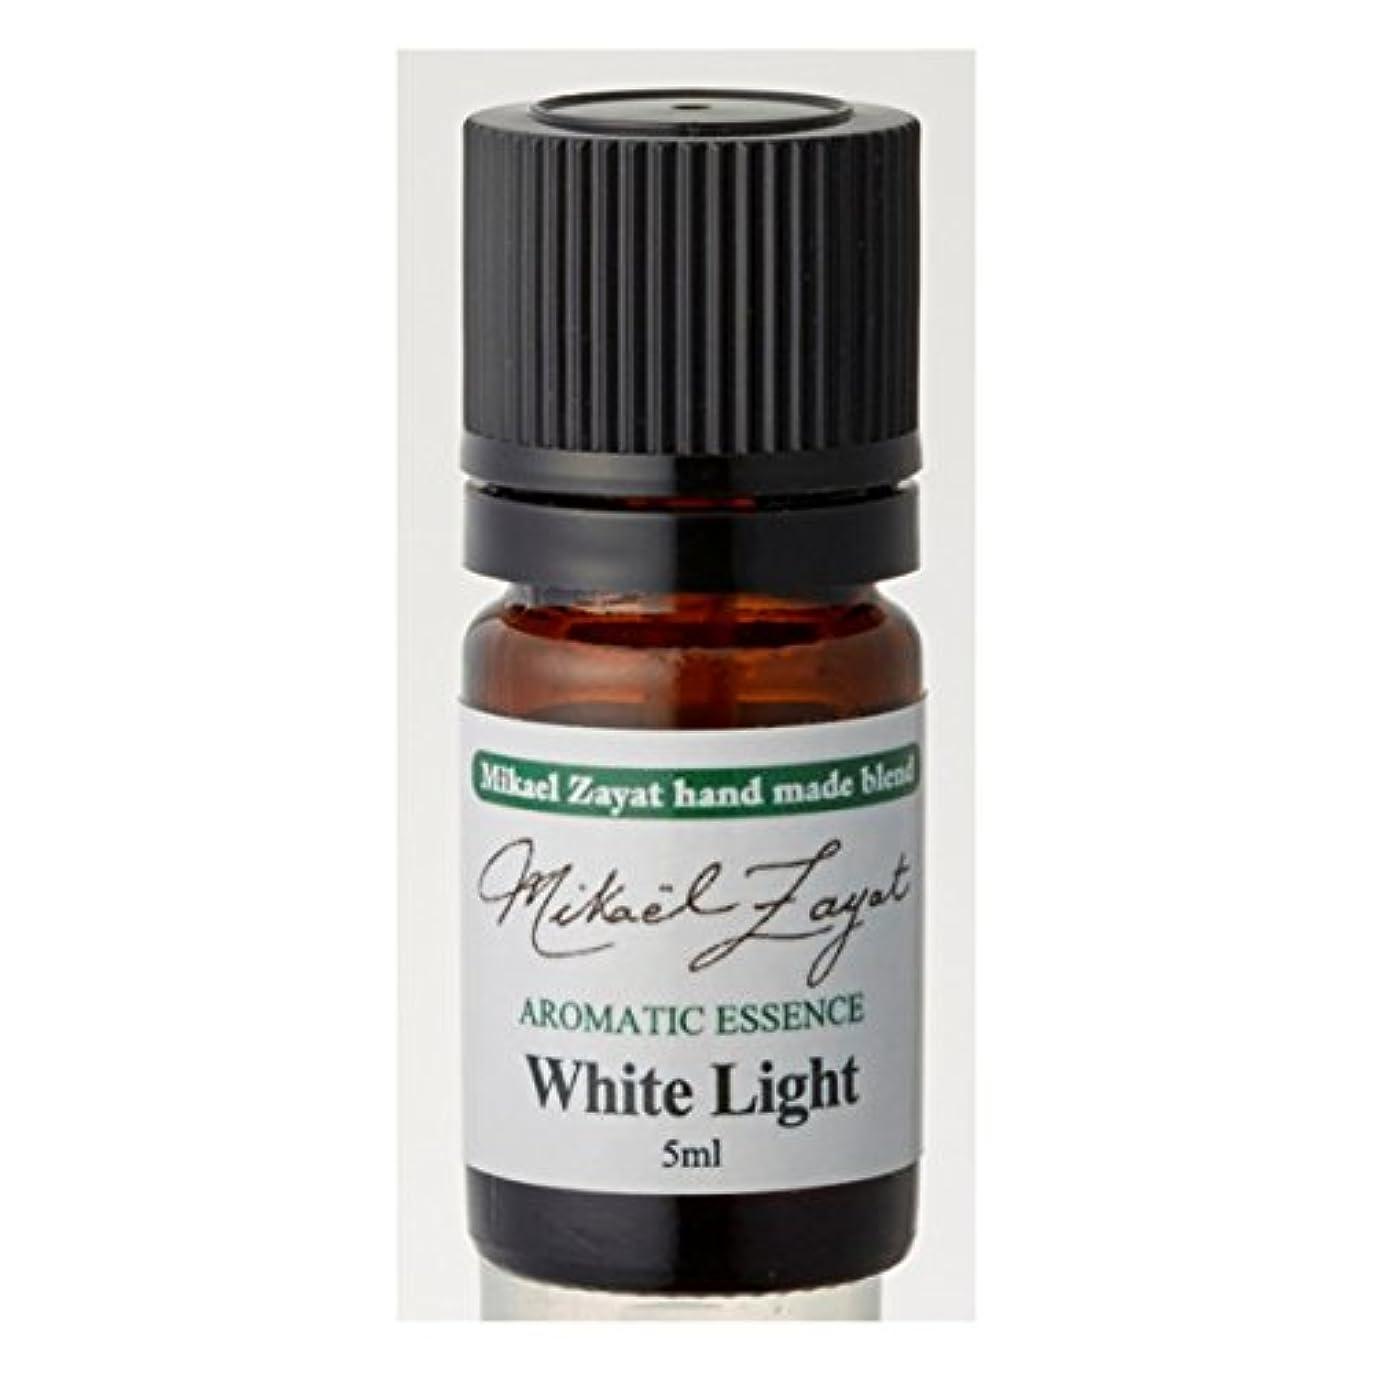 鎖シンプルなパトロンミカエルザヤット ホワイトライト White Light 5ml/ Mikael Zayat hand made blend